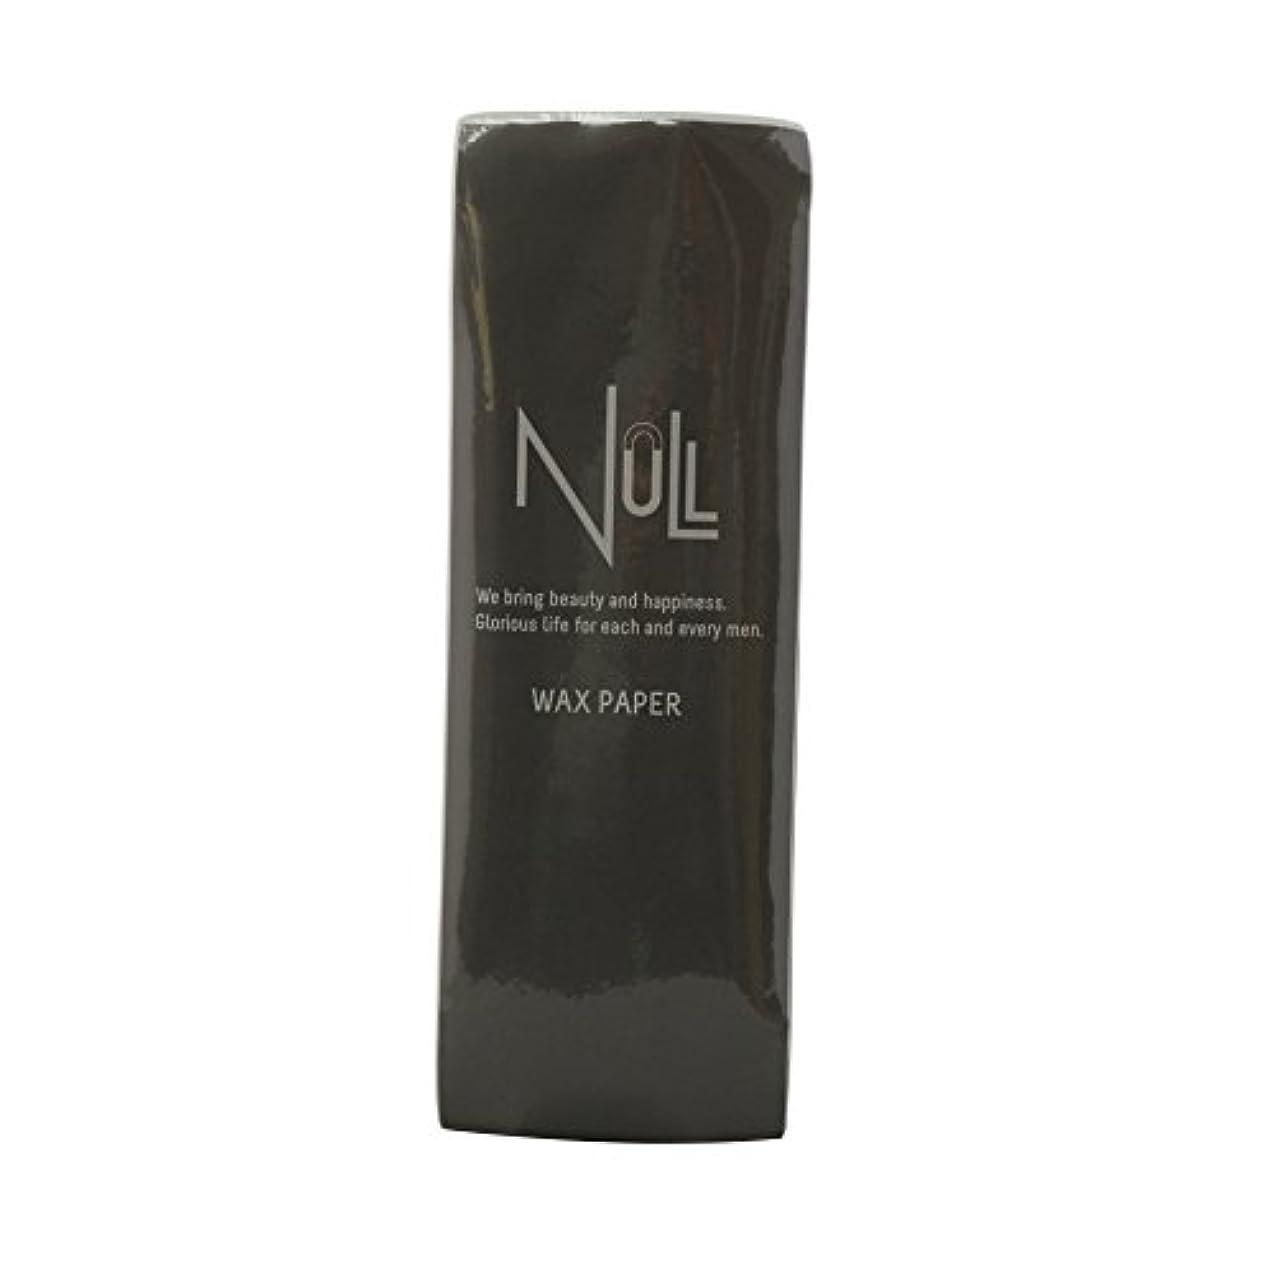 陰謀ギャンブル装置NULL ブラジリアンワックス用ペーパー 100枚入り 70mm幅 ワックス脱毛 専用